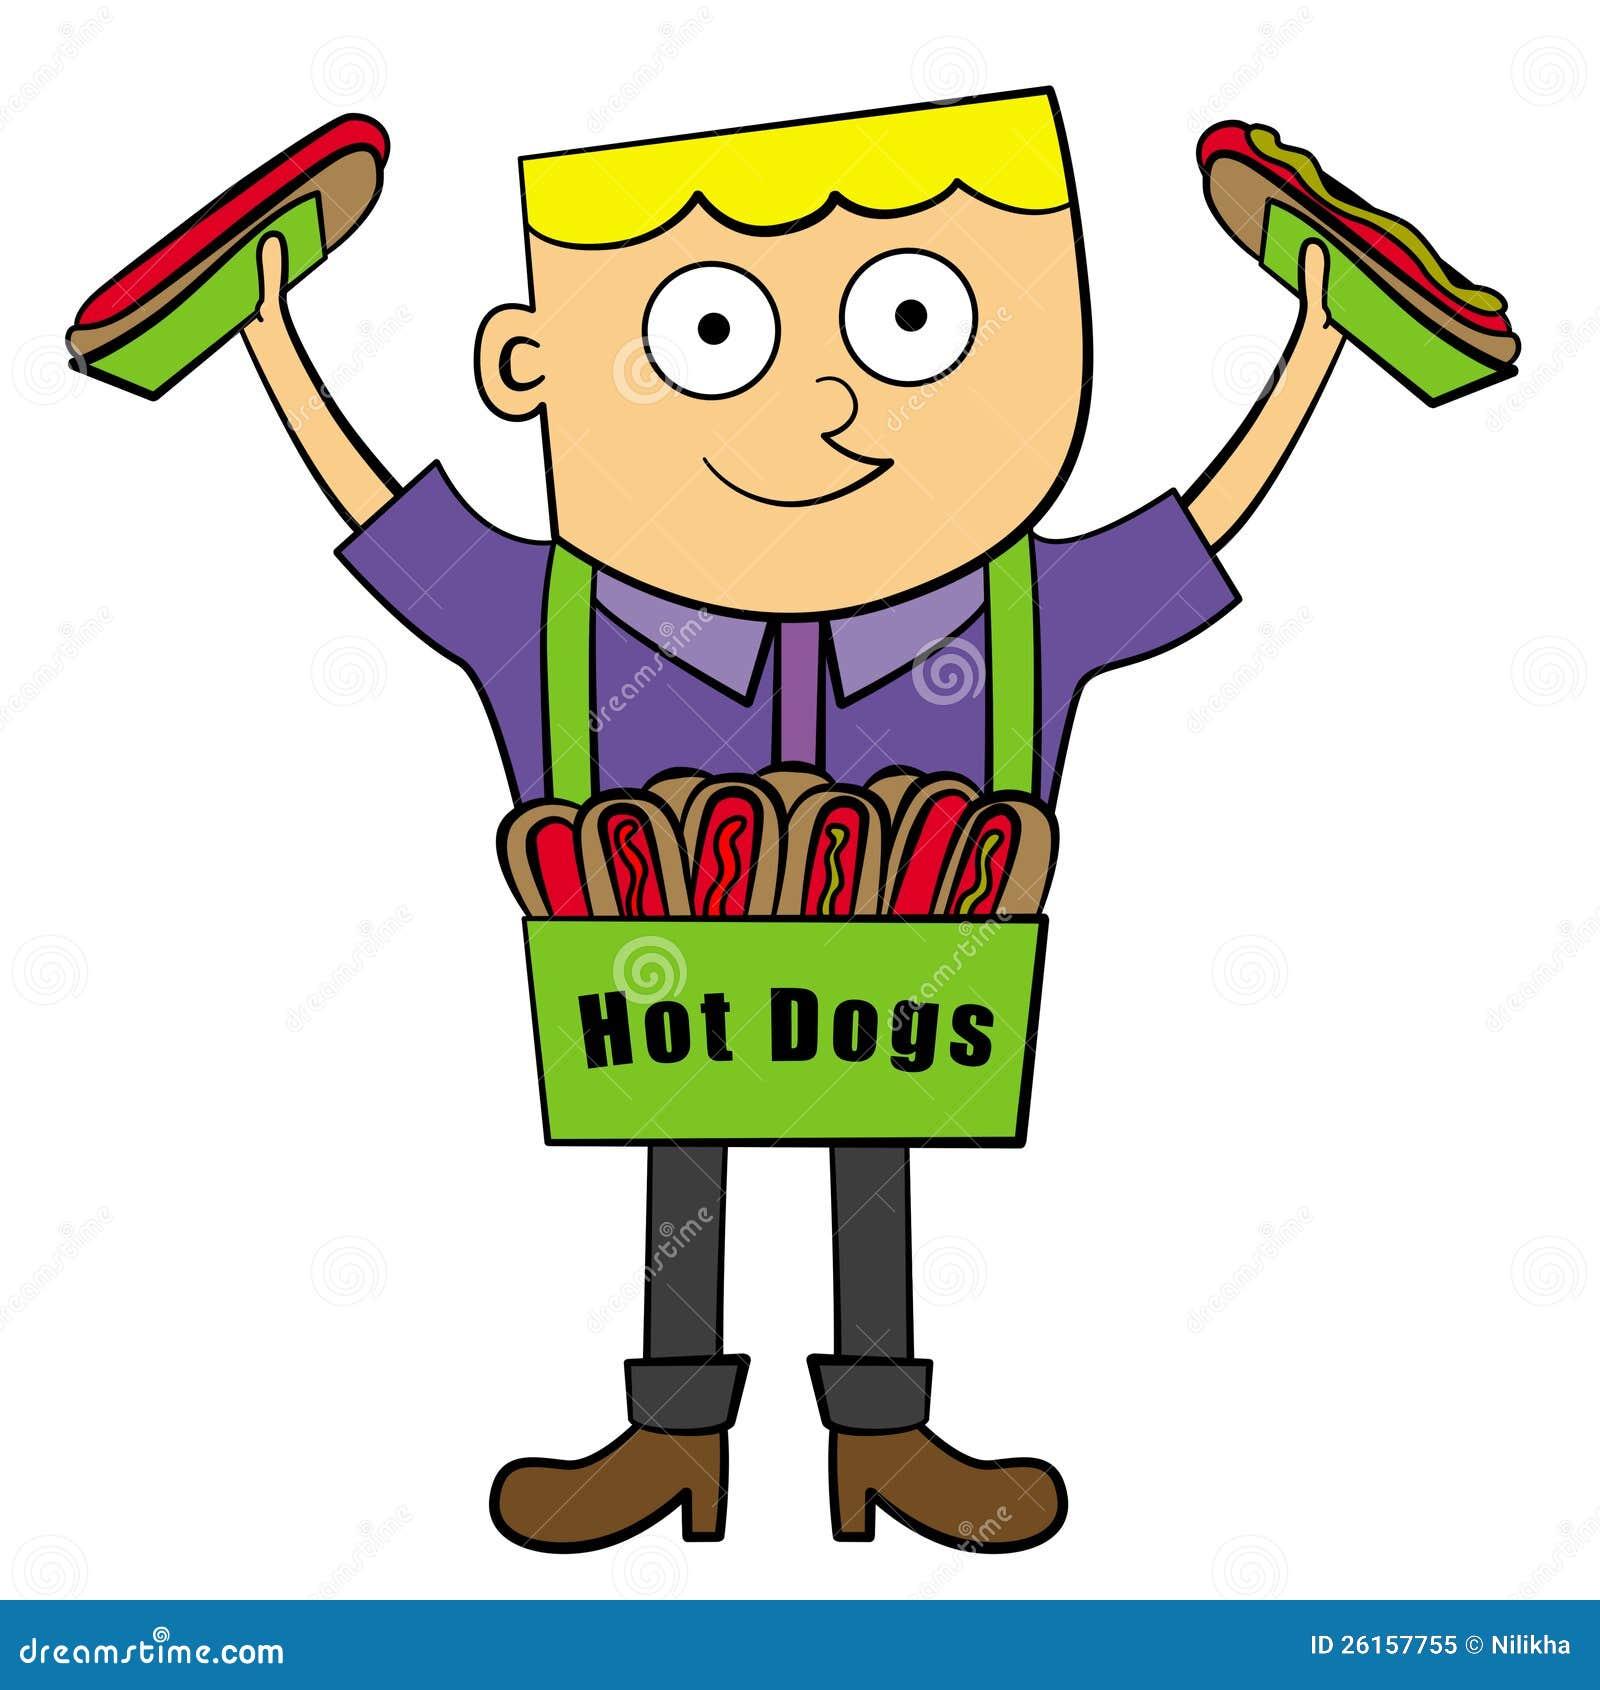 Hot Dog Vendor License